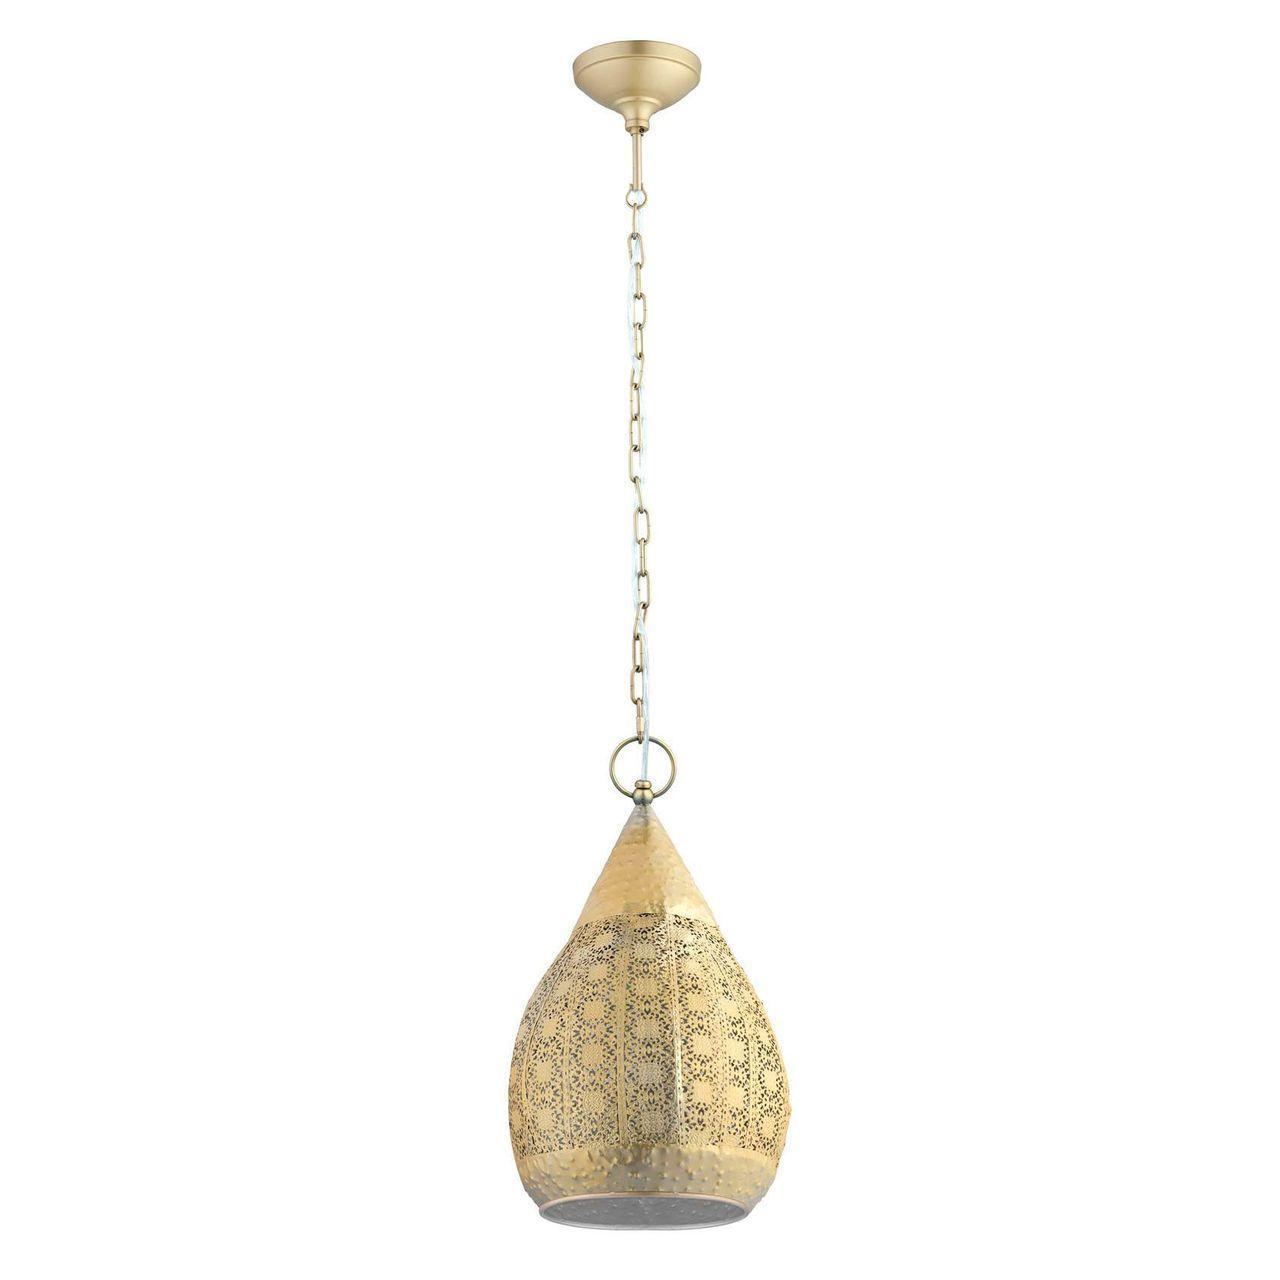 Подвесной светильник Eglo Melilla 49709 подвесной светильник eglo melilla 49709